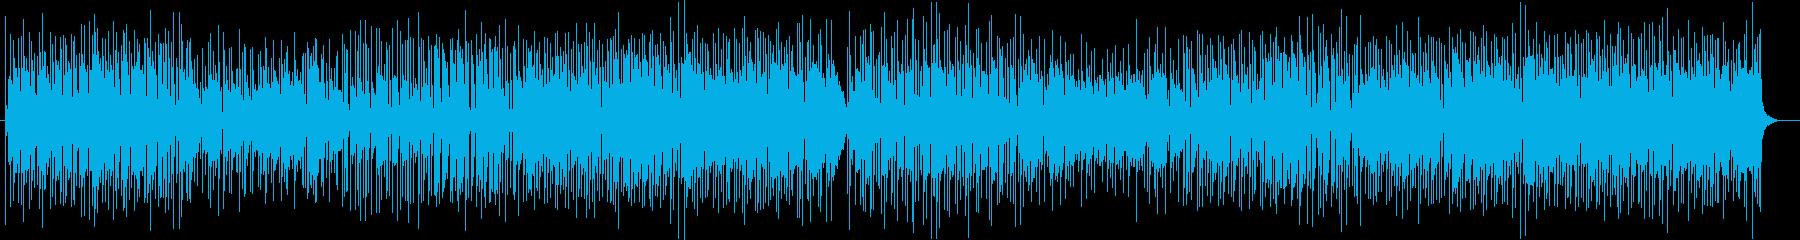 和やかで優しい可憐なメロディーポップスの再生済みの波形